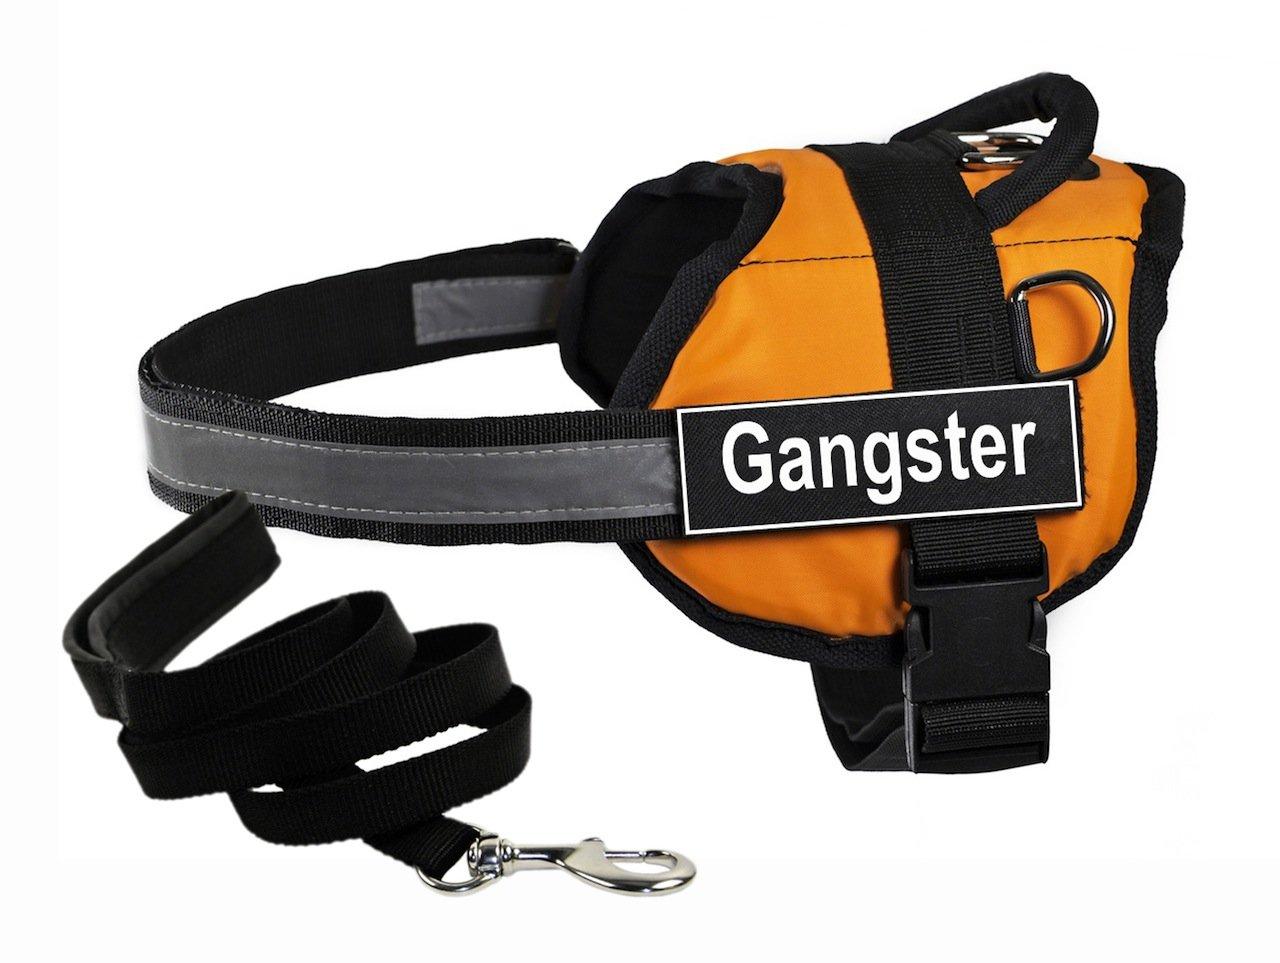 prezzo all'ingrosso e qualità affidabile Dean & Tyler DT Works Arancione Imbracatura con Gangster, Gangster, Gangster, Media, e Nero 1,8 m Padded Puppy guinzaglio.  rivenditori online